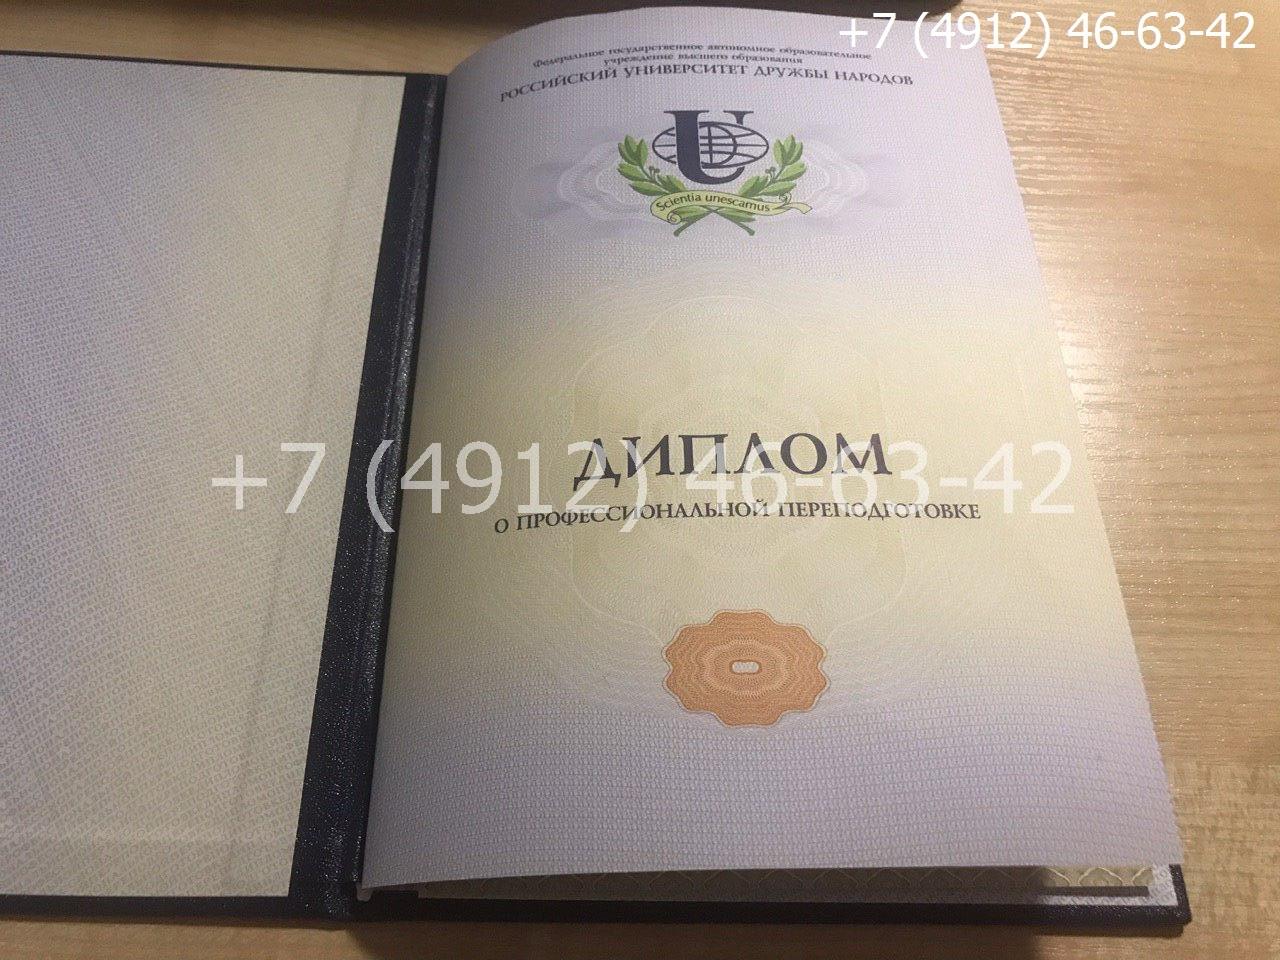 Диплом о профессиональной переподготовке, образец, титульный лист-1